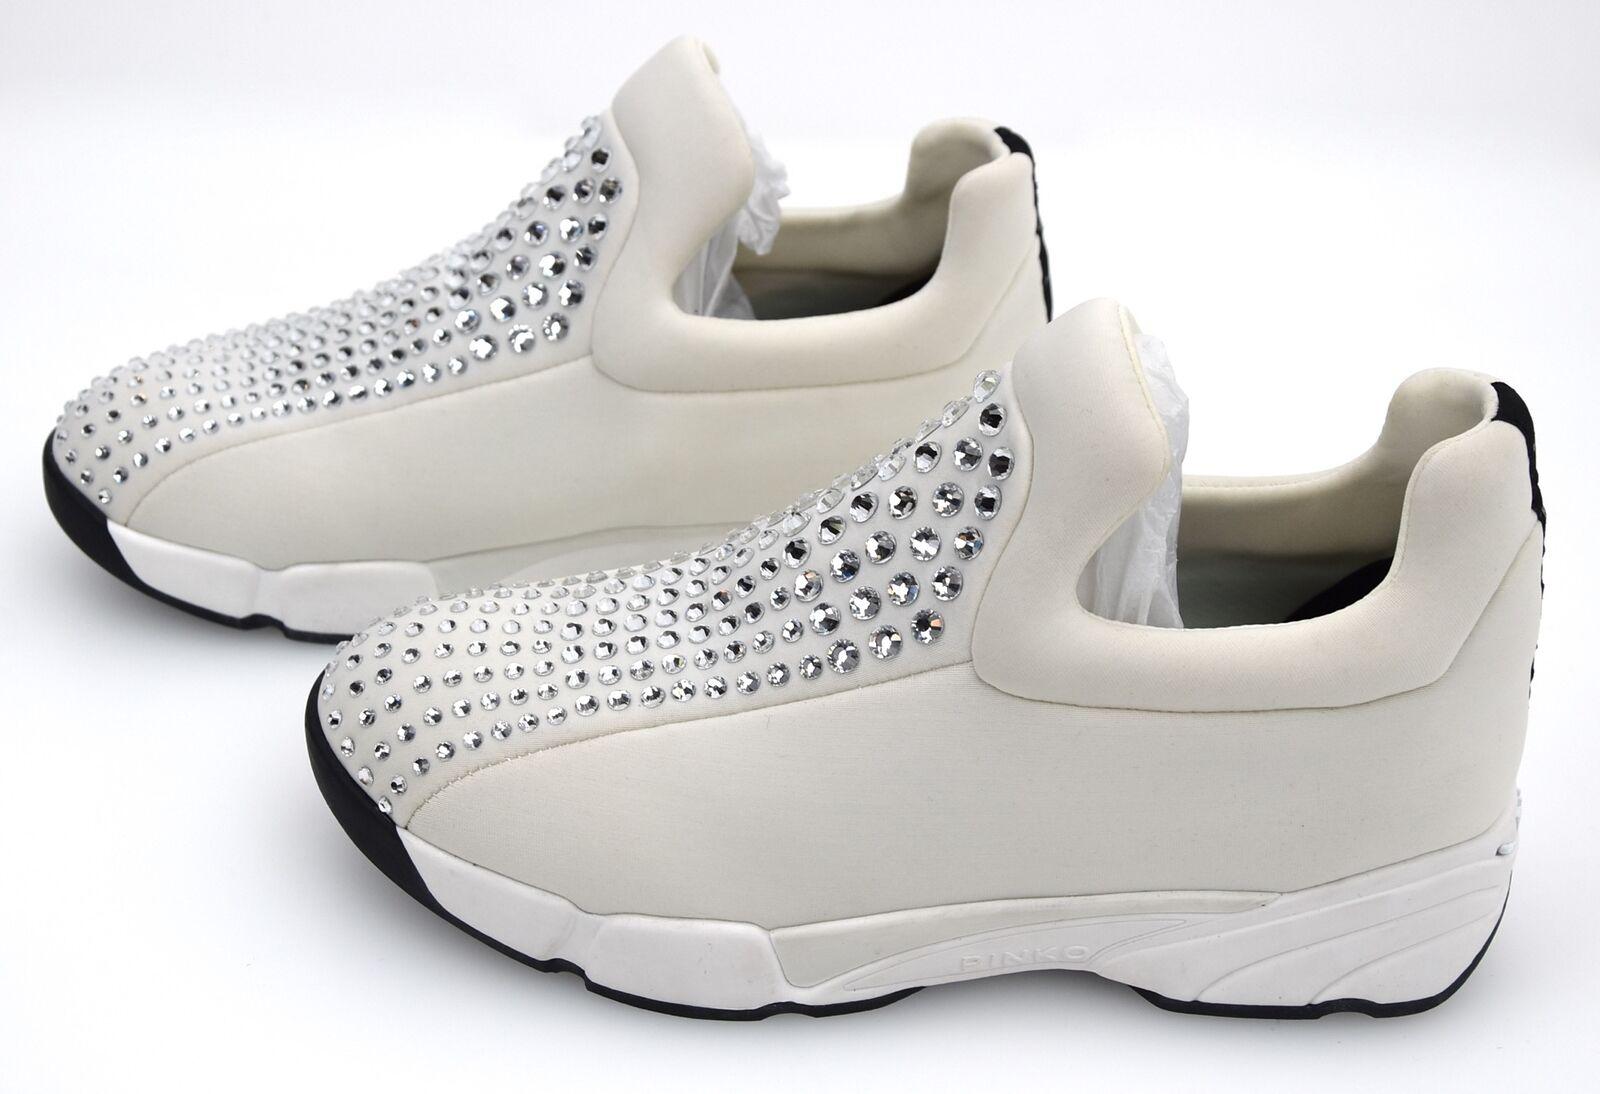 RosaO Mujer Zapatilla SLP en Zapatos gratis informales gratis Zapatos fueron código 1H209Y Y2KP Thay tenis 171a05